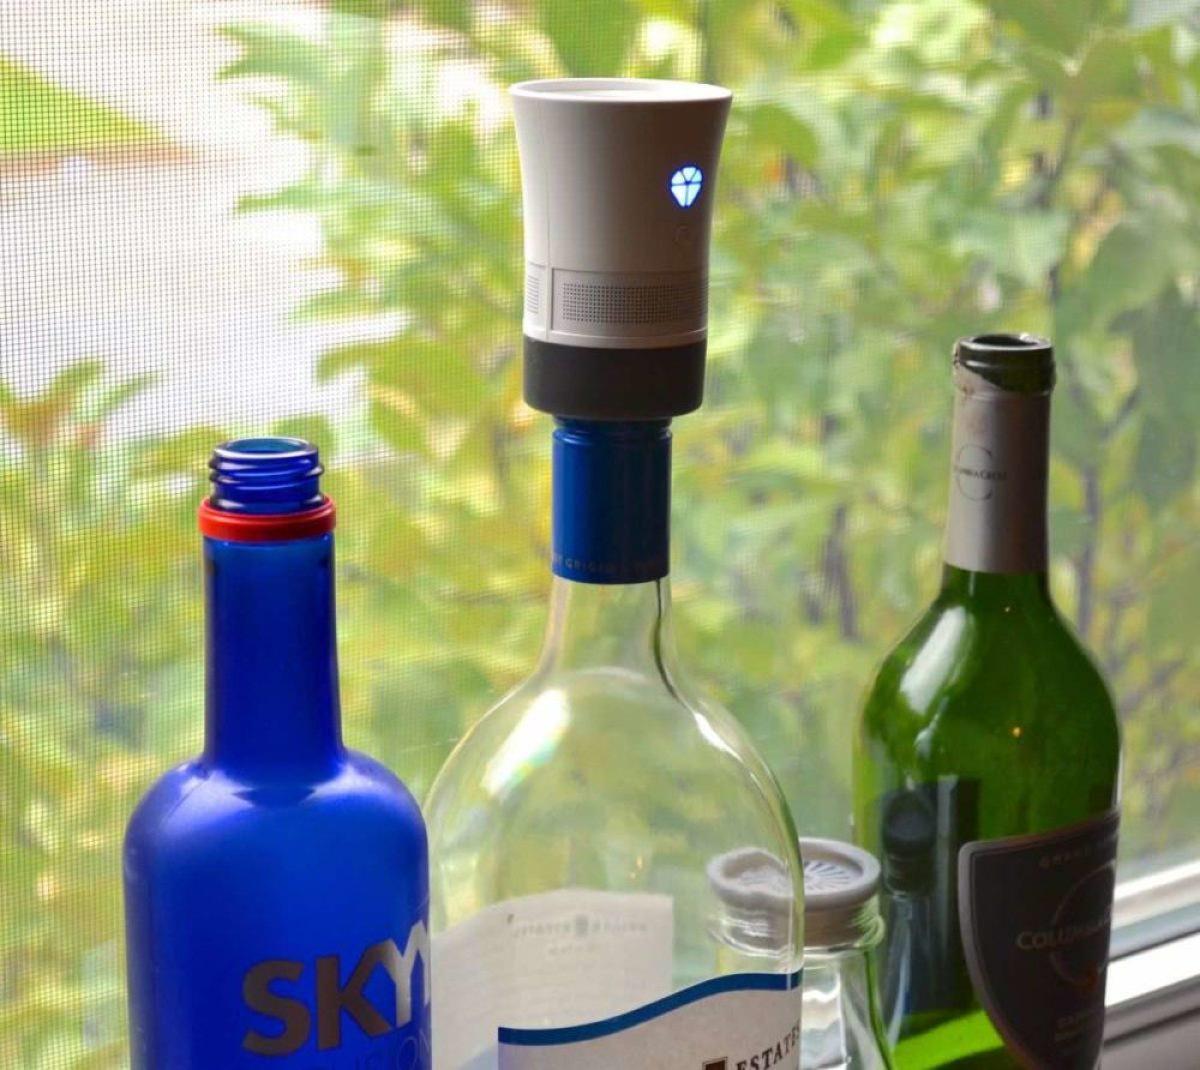 Cork speaker uses bottles